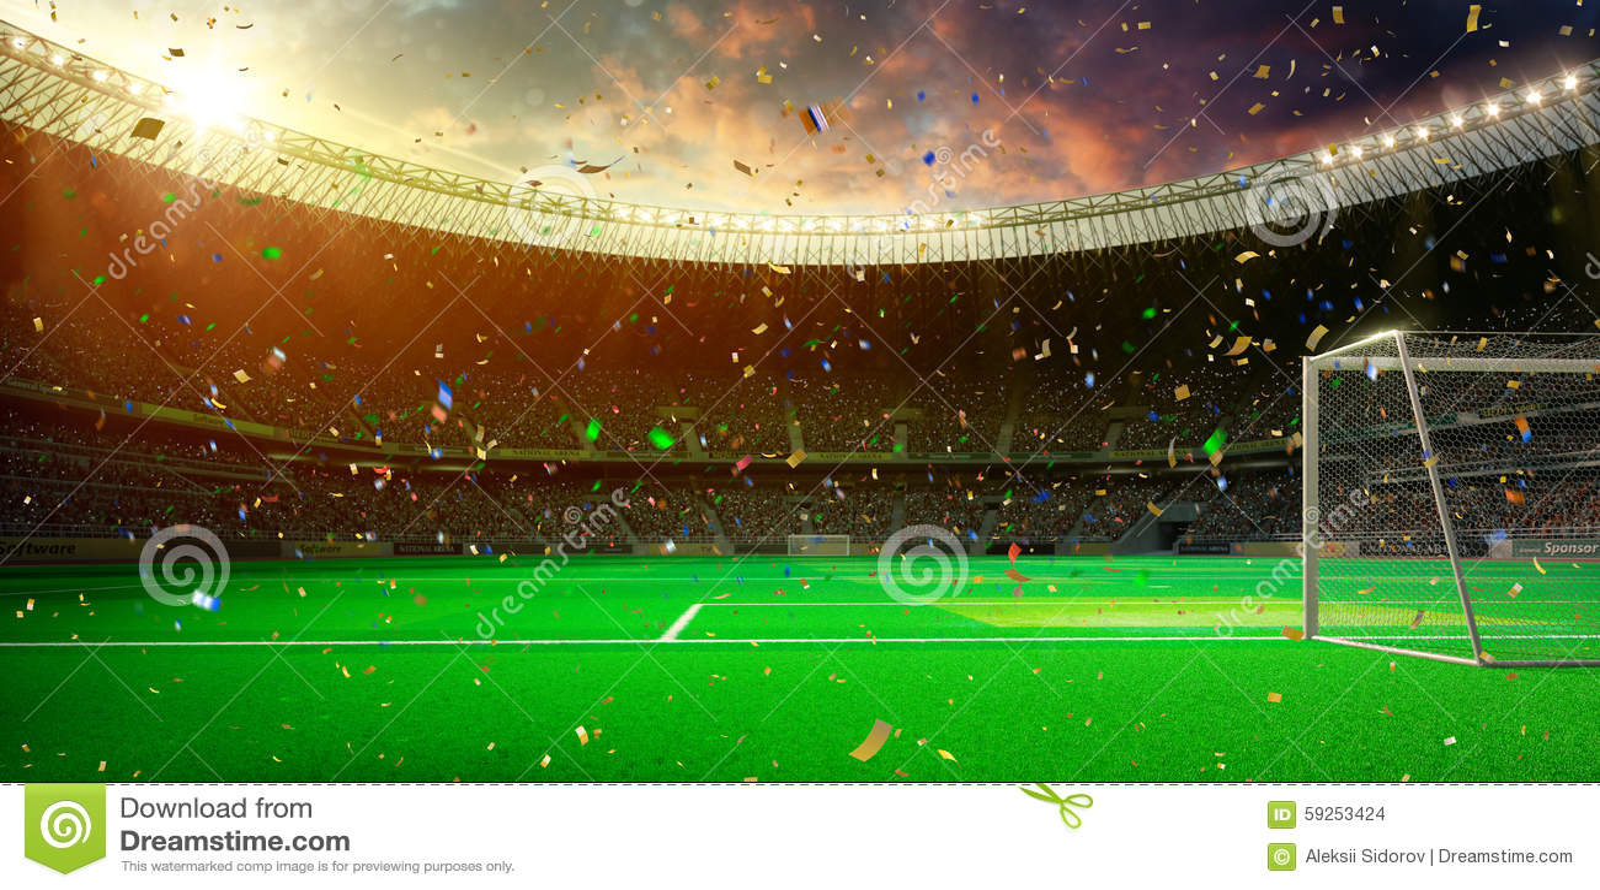 Выигрыш чемпионата футбольного поля арены стадиона вечера!